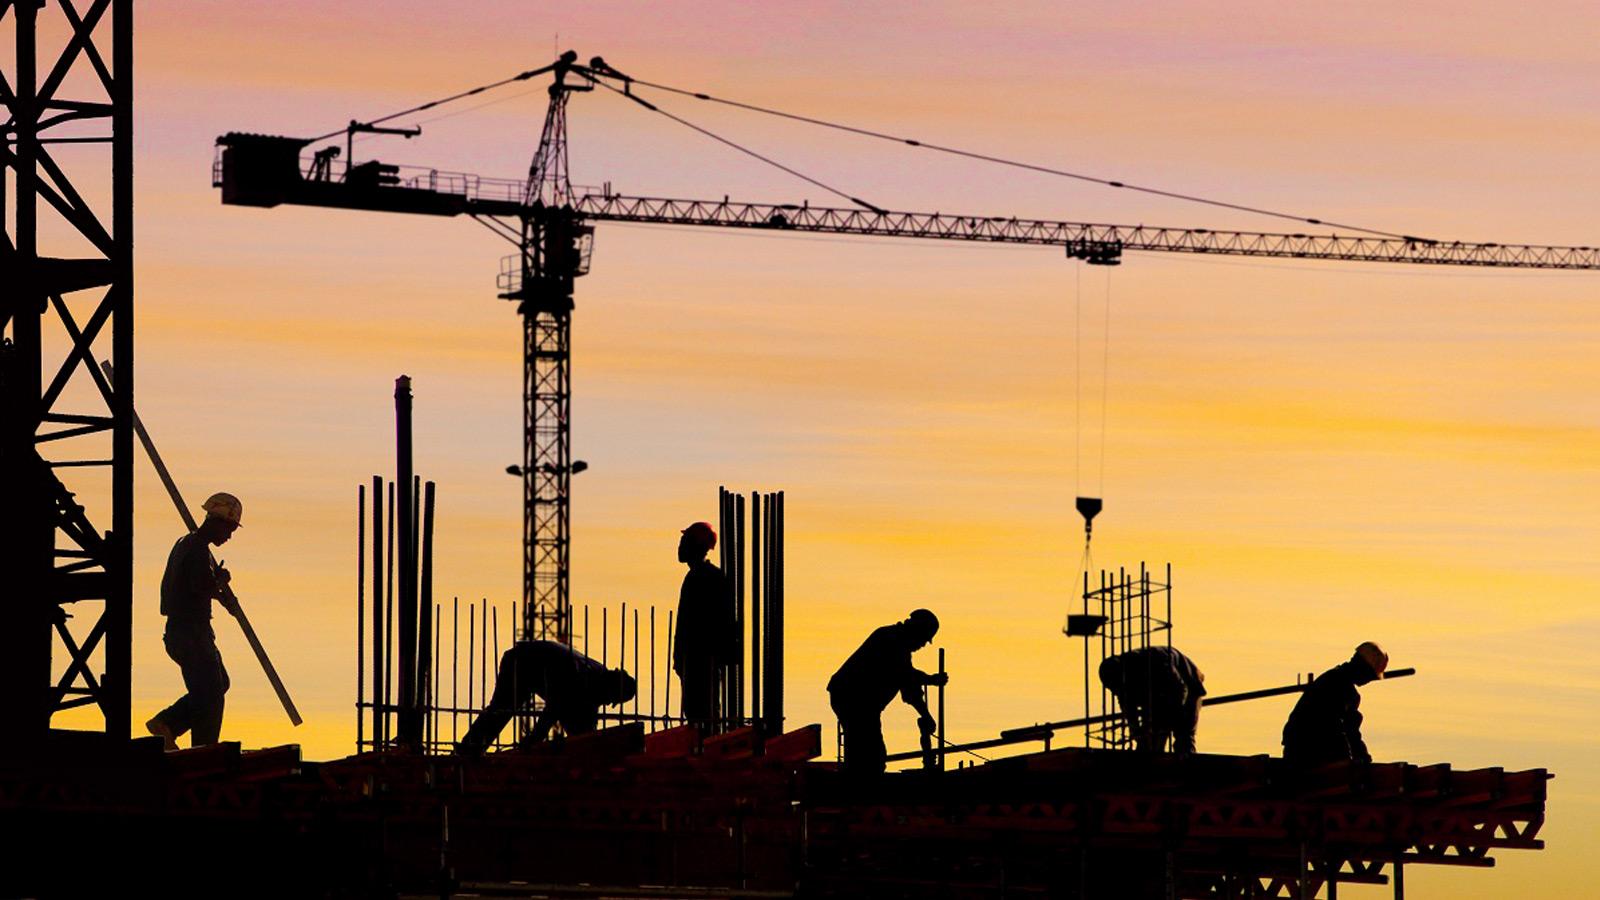 چگونه ساخت و ساز را شروع کنیم؟